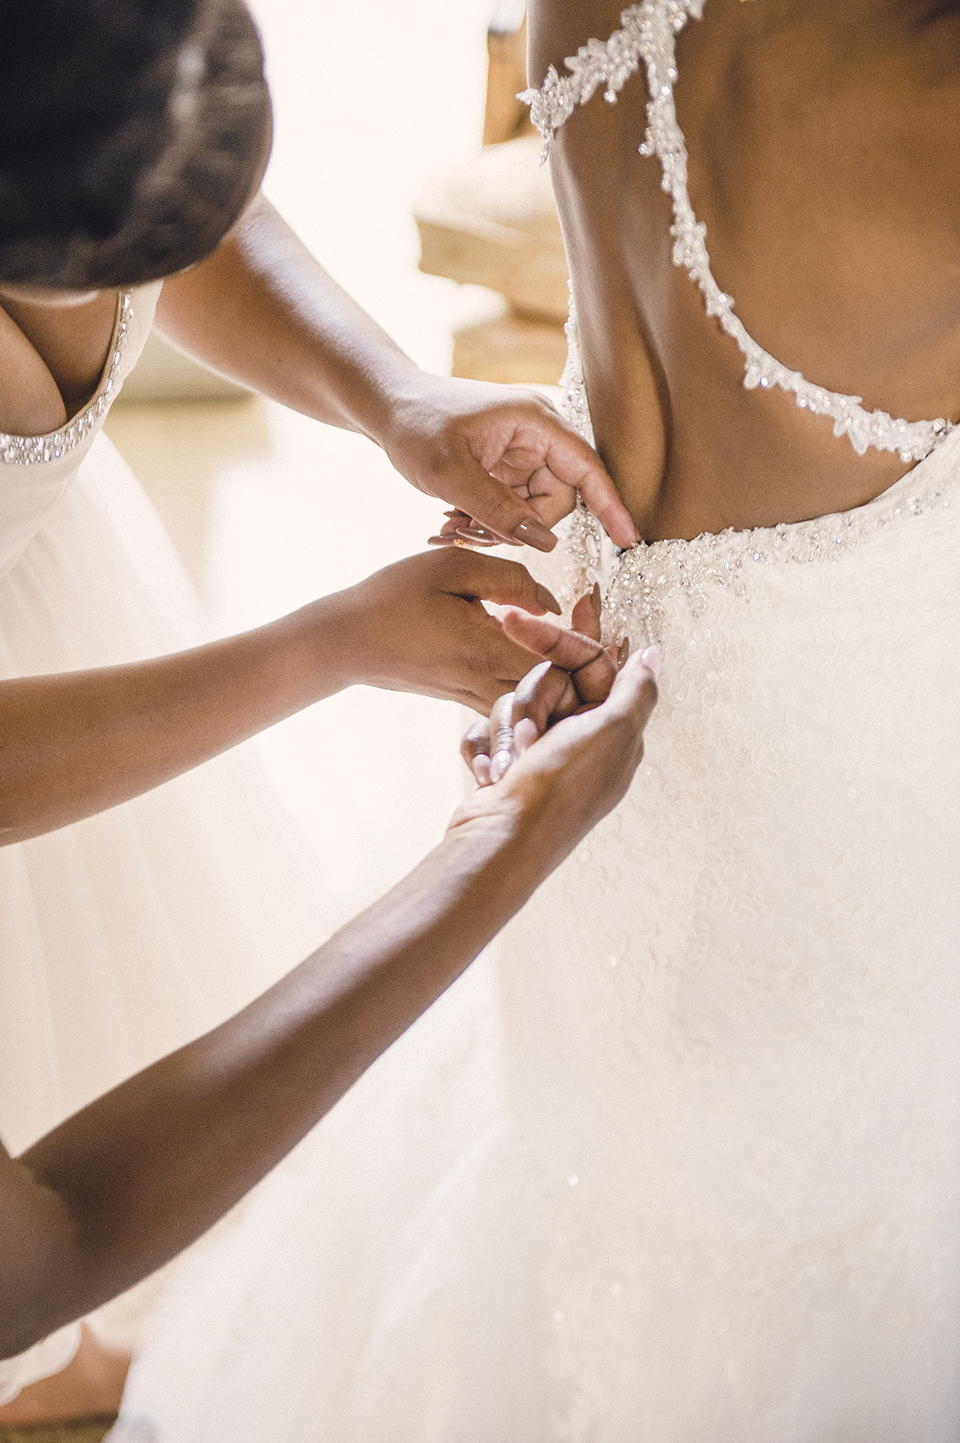 RyanParker_WeddingPhotographer_FineArt_CapeTown_Johannesburg_Hermanus_Avianto_T&L_DSC_8899.jpg